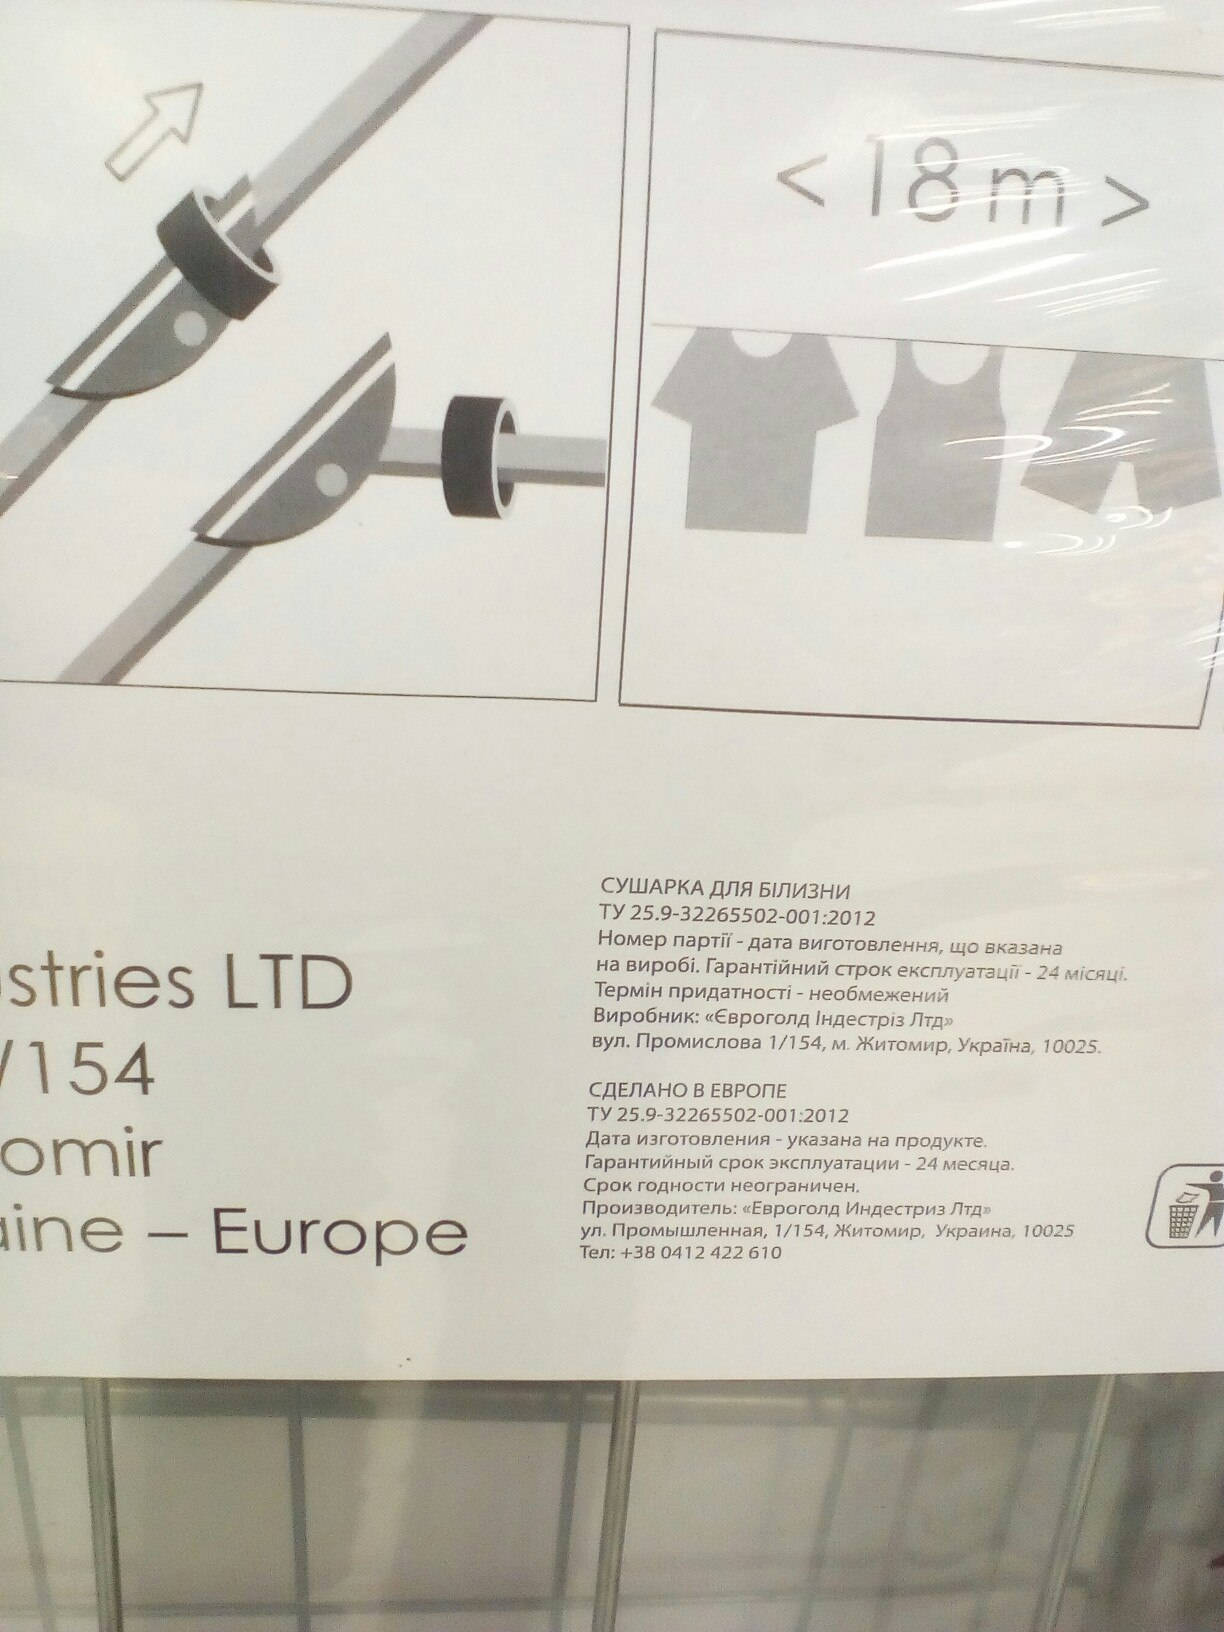 Житомир Индастриз - Сделано в Европе